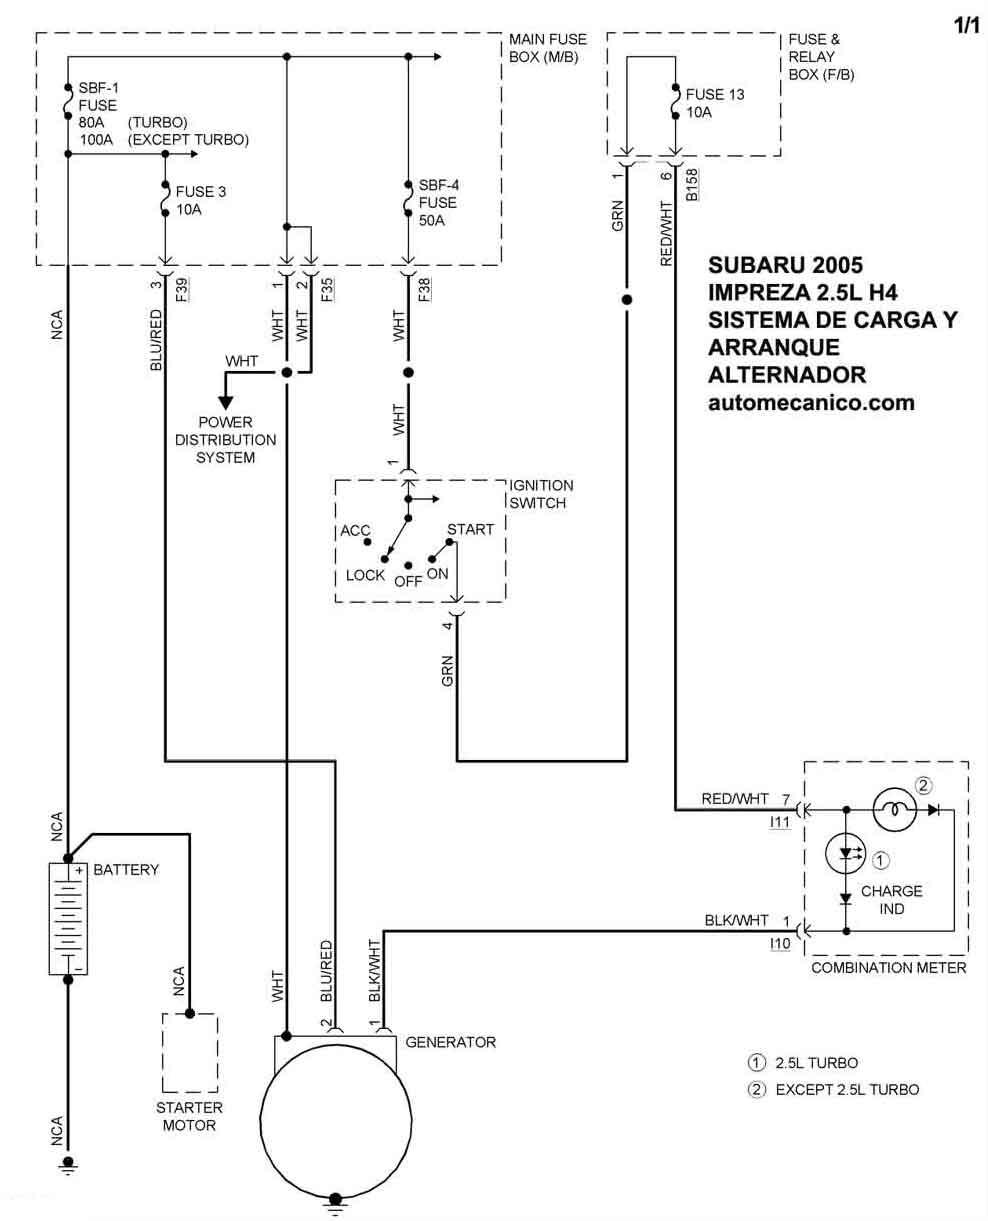 SUBARU diagramas.2005